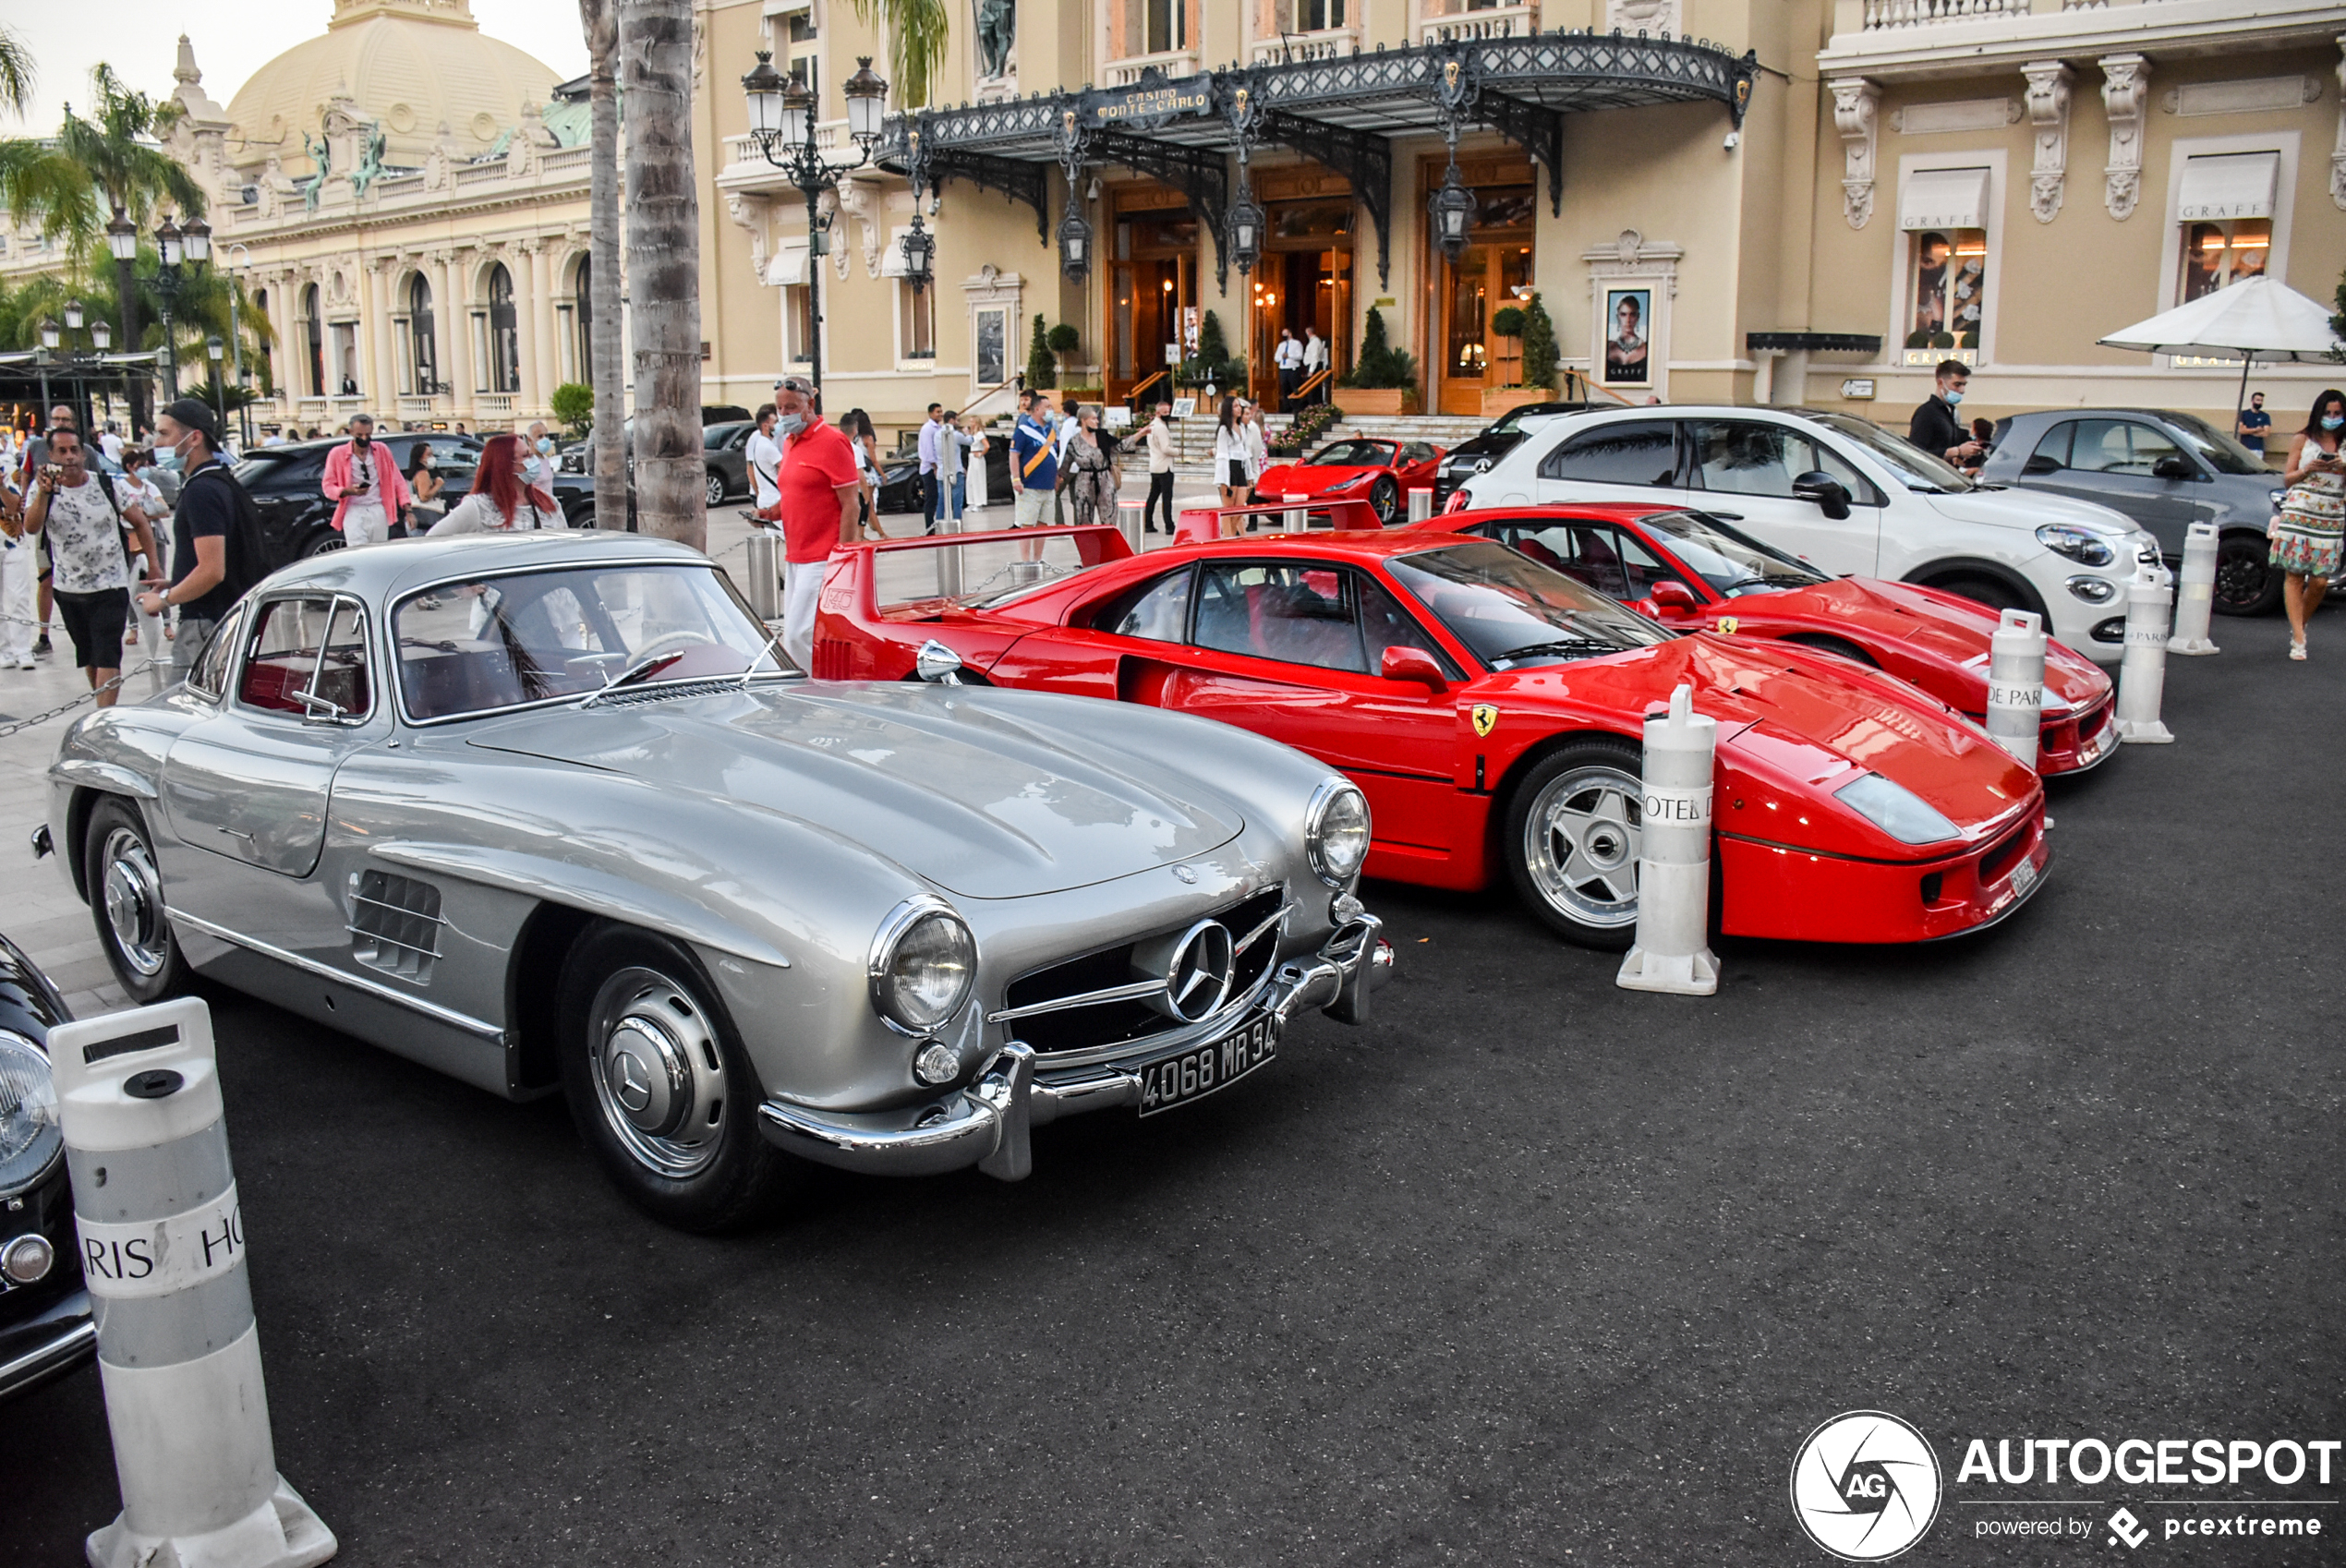 Fiat 500L verpest combo op casinoplein in Monaco